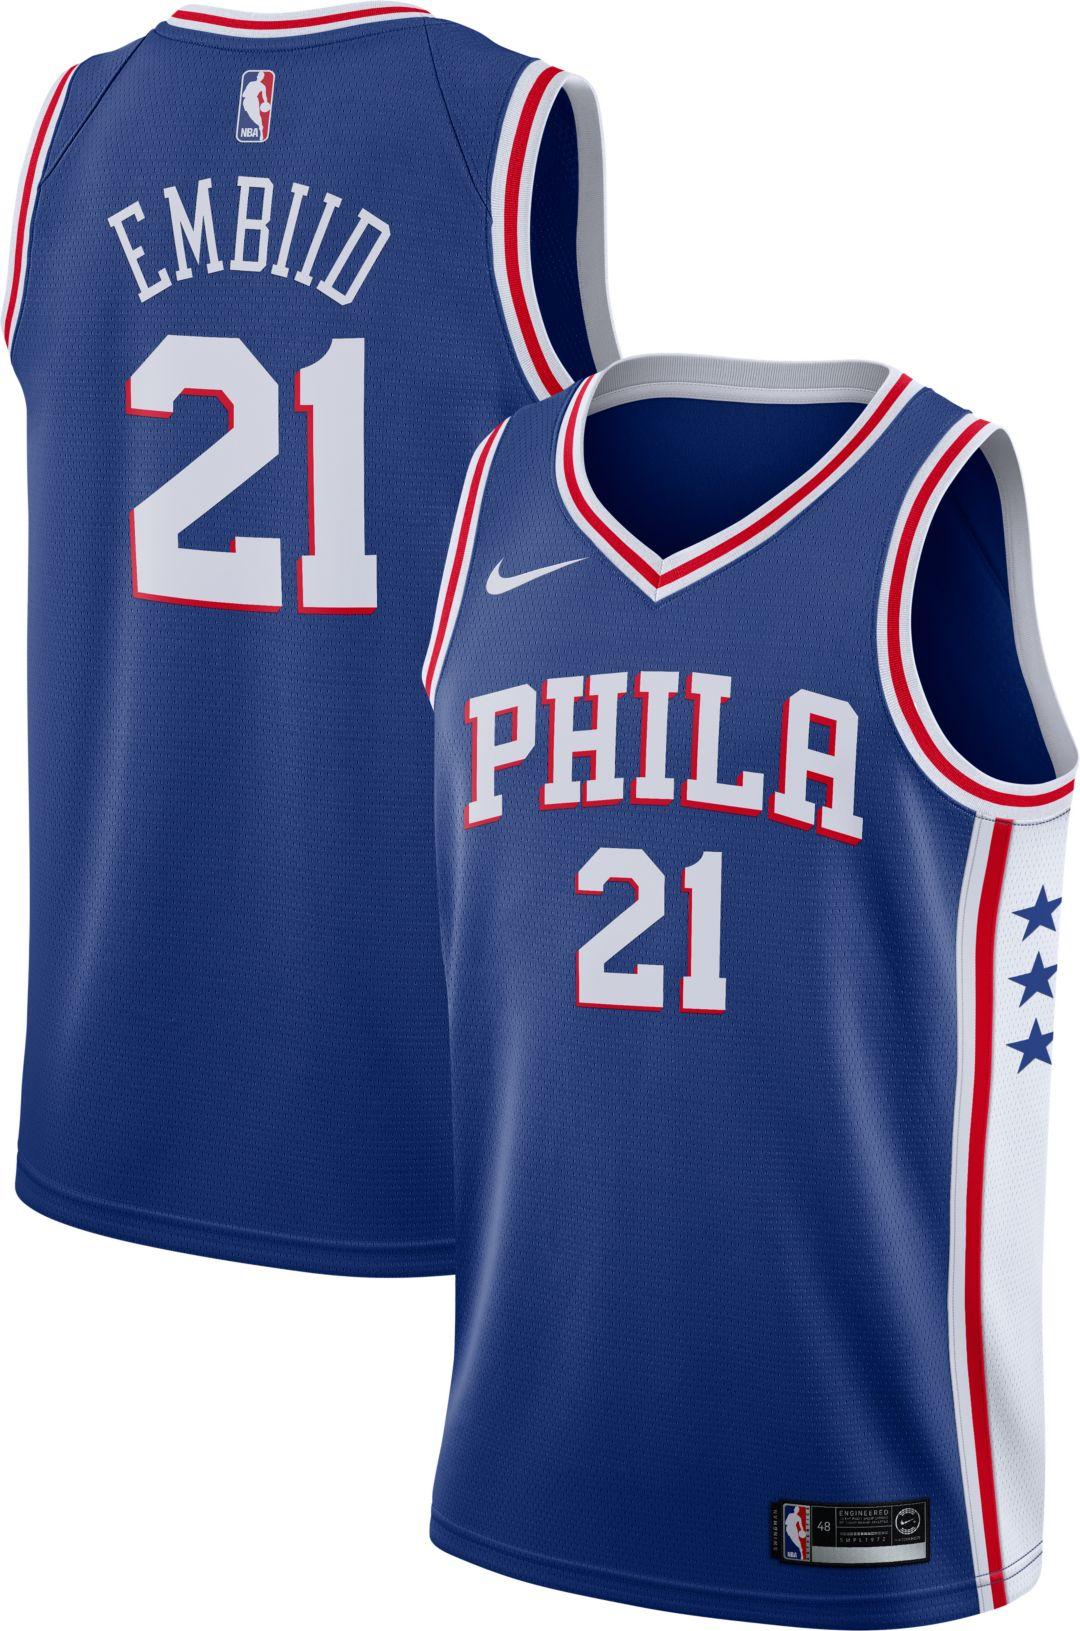 meet d0609 7c5a0 Nike Men's Philadelphia 76ers Joel Embiid #21 Royal Dri-FIT Swingman Jersey